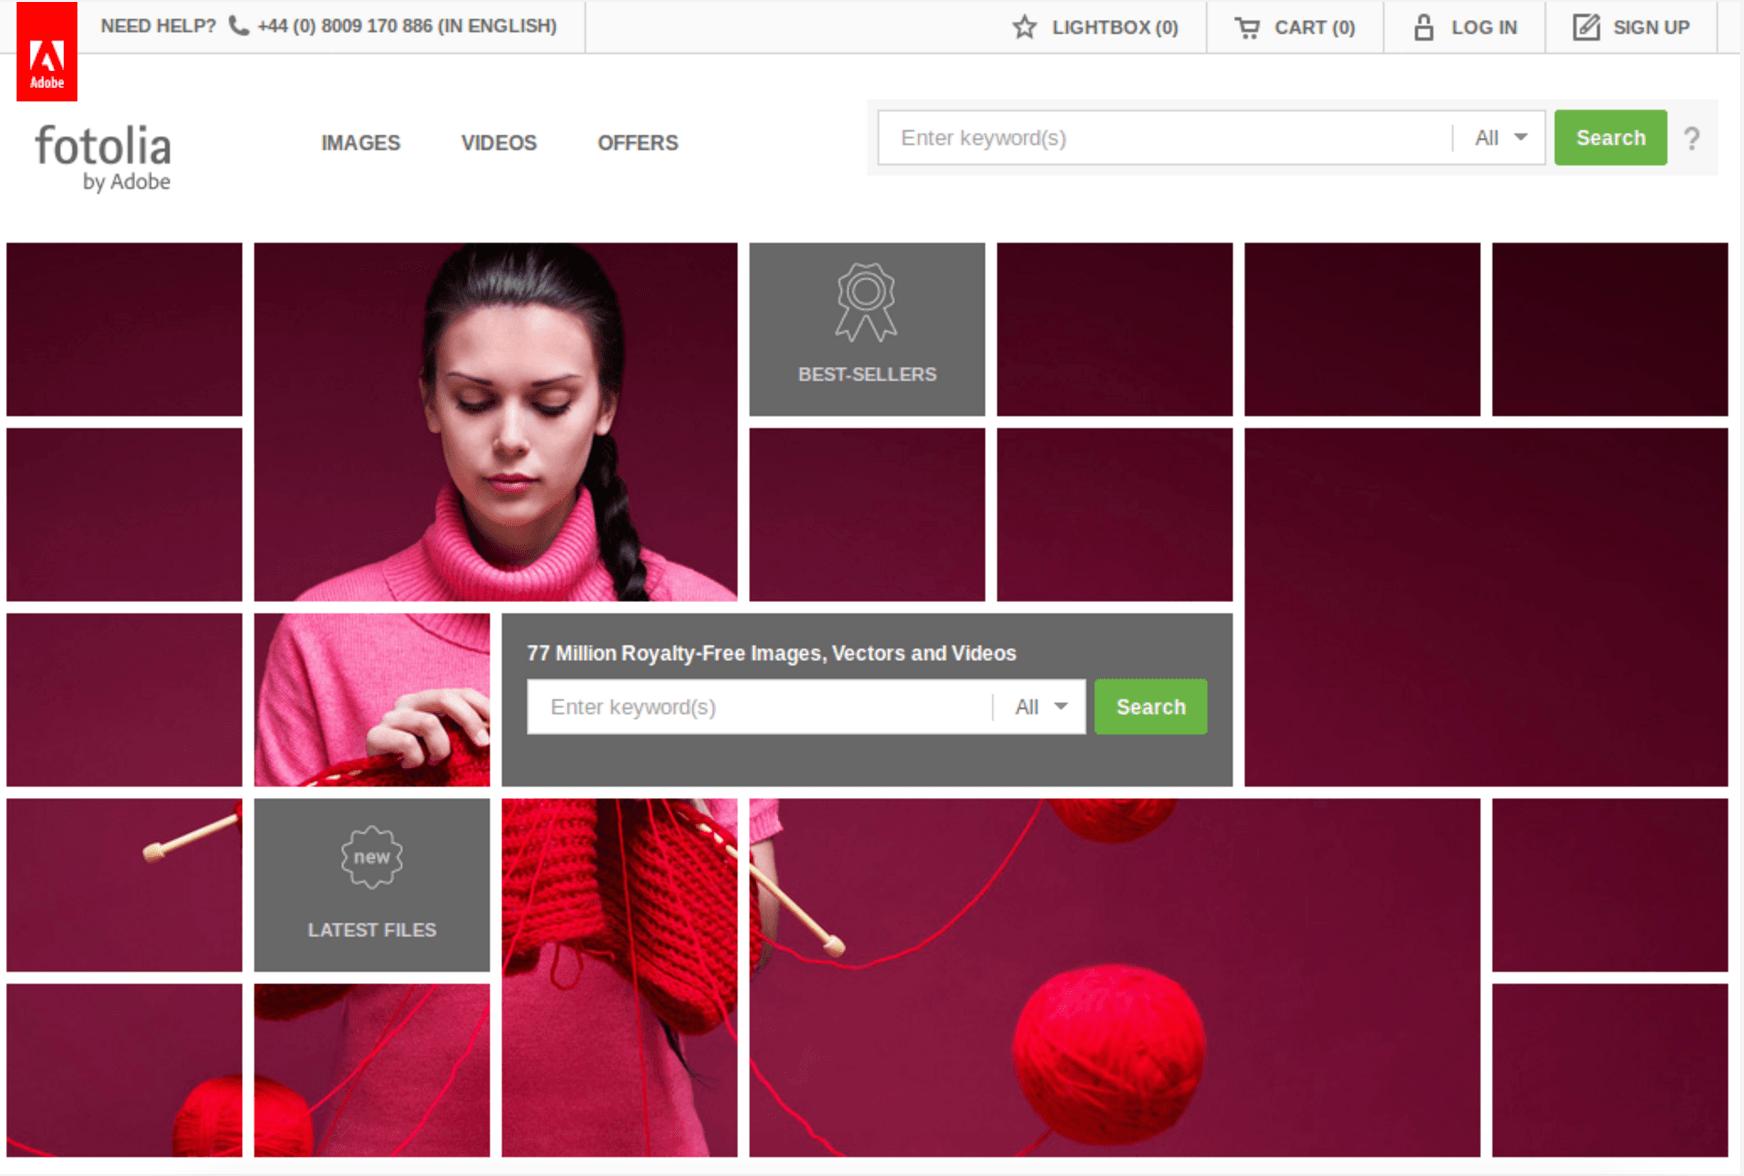 Premium Stock Image Sites - Fotolia